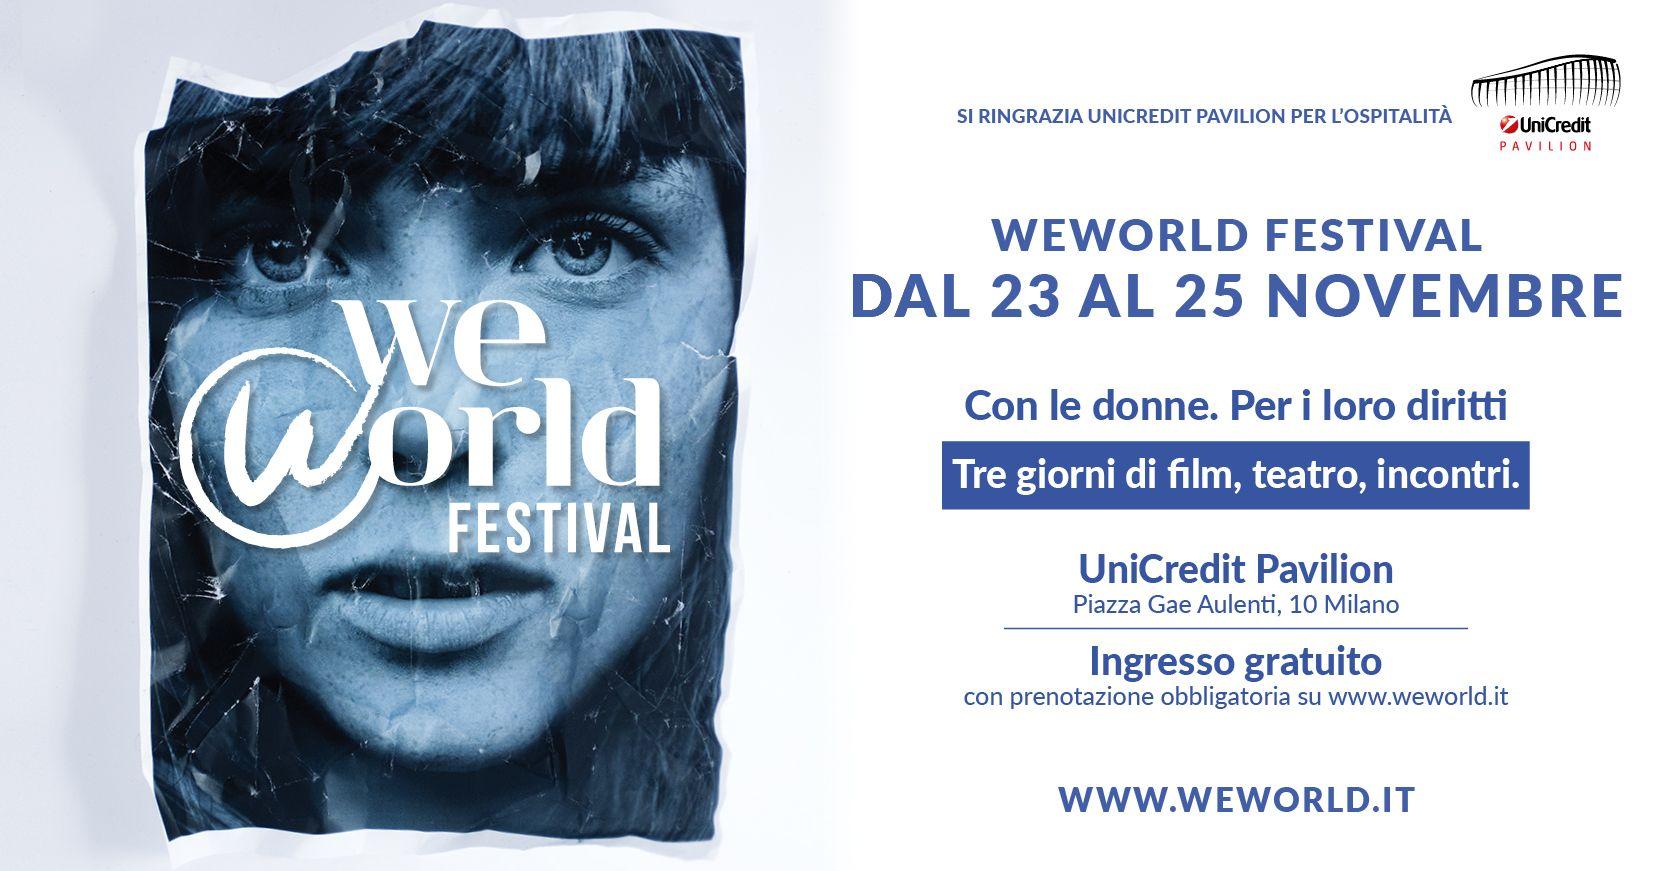 25 novembre: giornata internazionale per l'eliminazione della violenza contro le donne. Ecco le iniziative di WeWorld